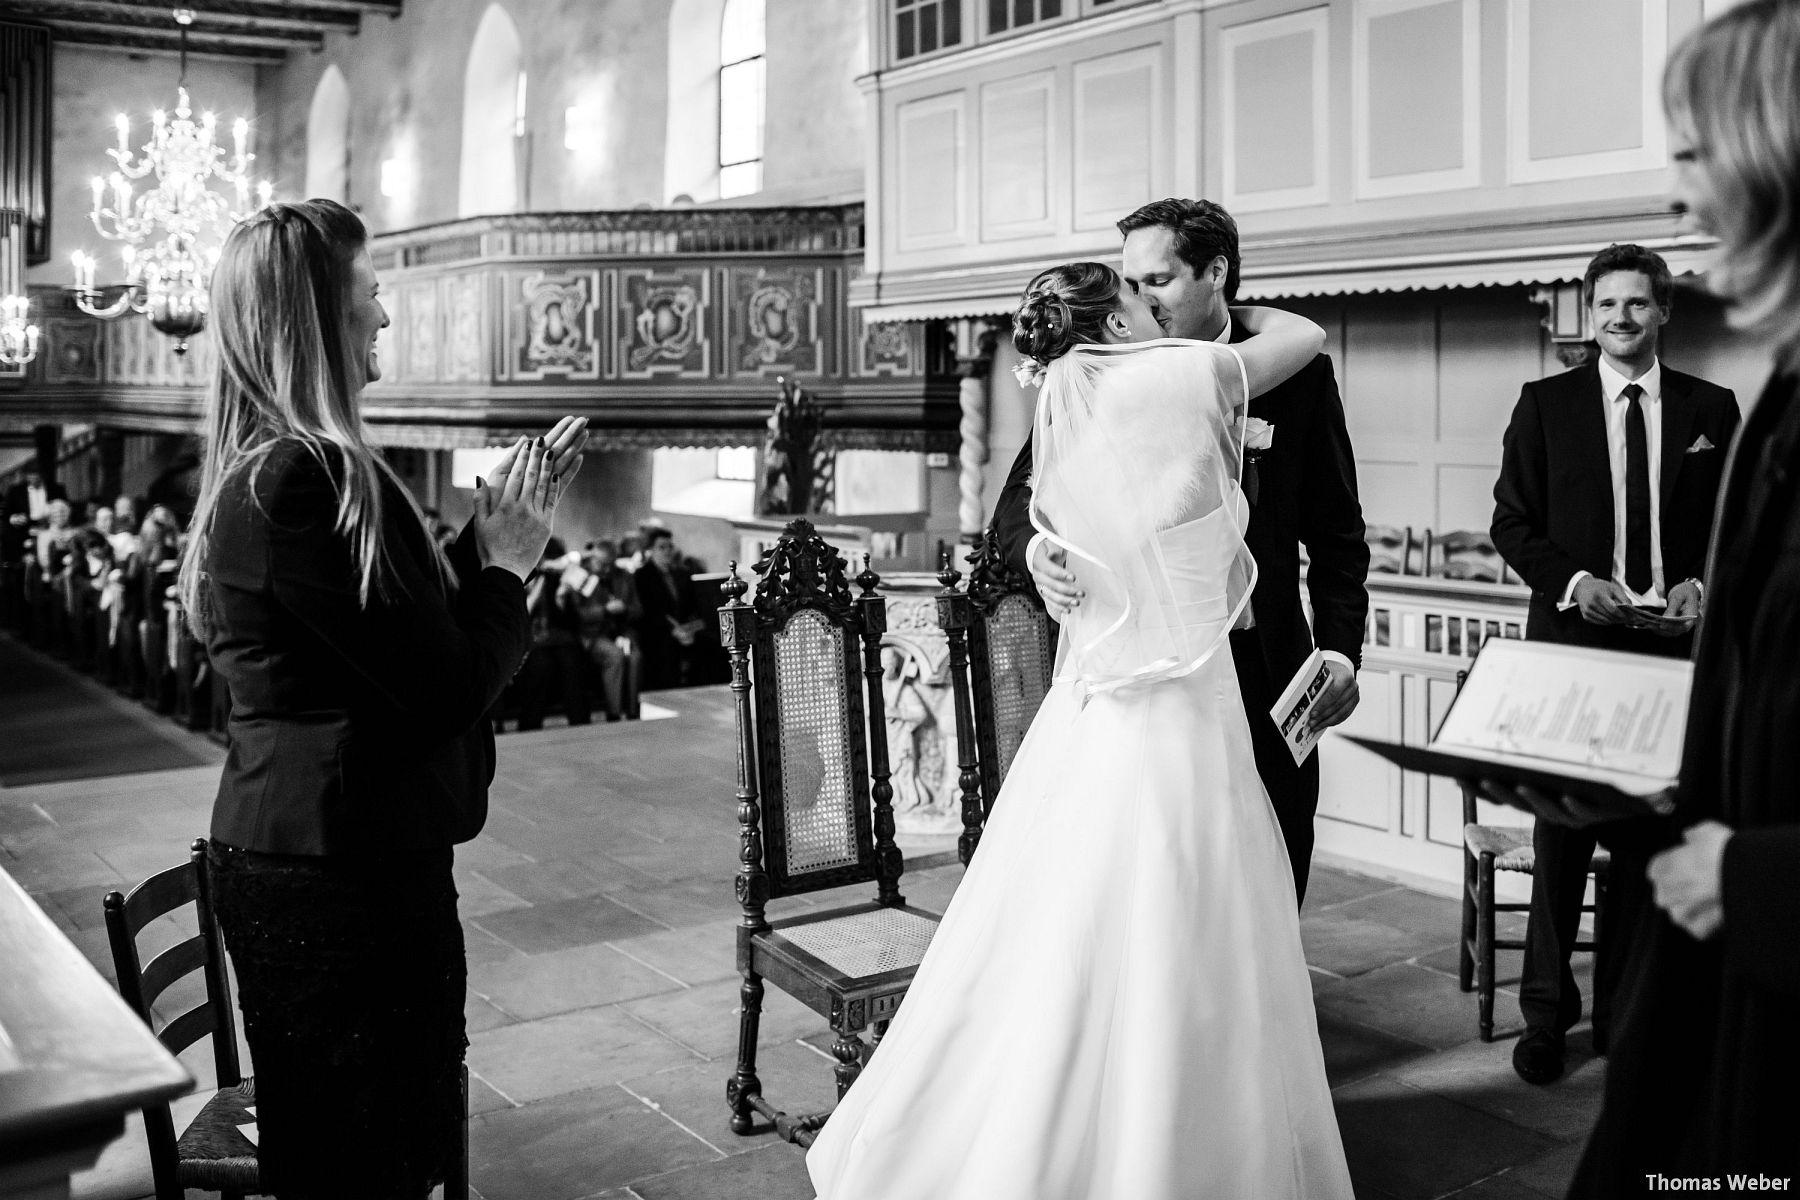 Hochzeitsfotograf Rastede: Kirchliche Trauung in der St. Ulrichs Kirche Rastede und Hochzeitsfeier in der Eventscheune St Georg Rastede mit dem Catering von Michael Niebuhr aus Oldenburg (30)